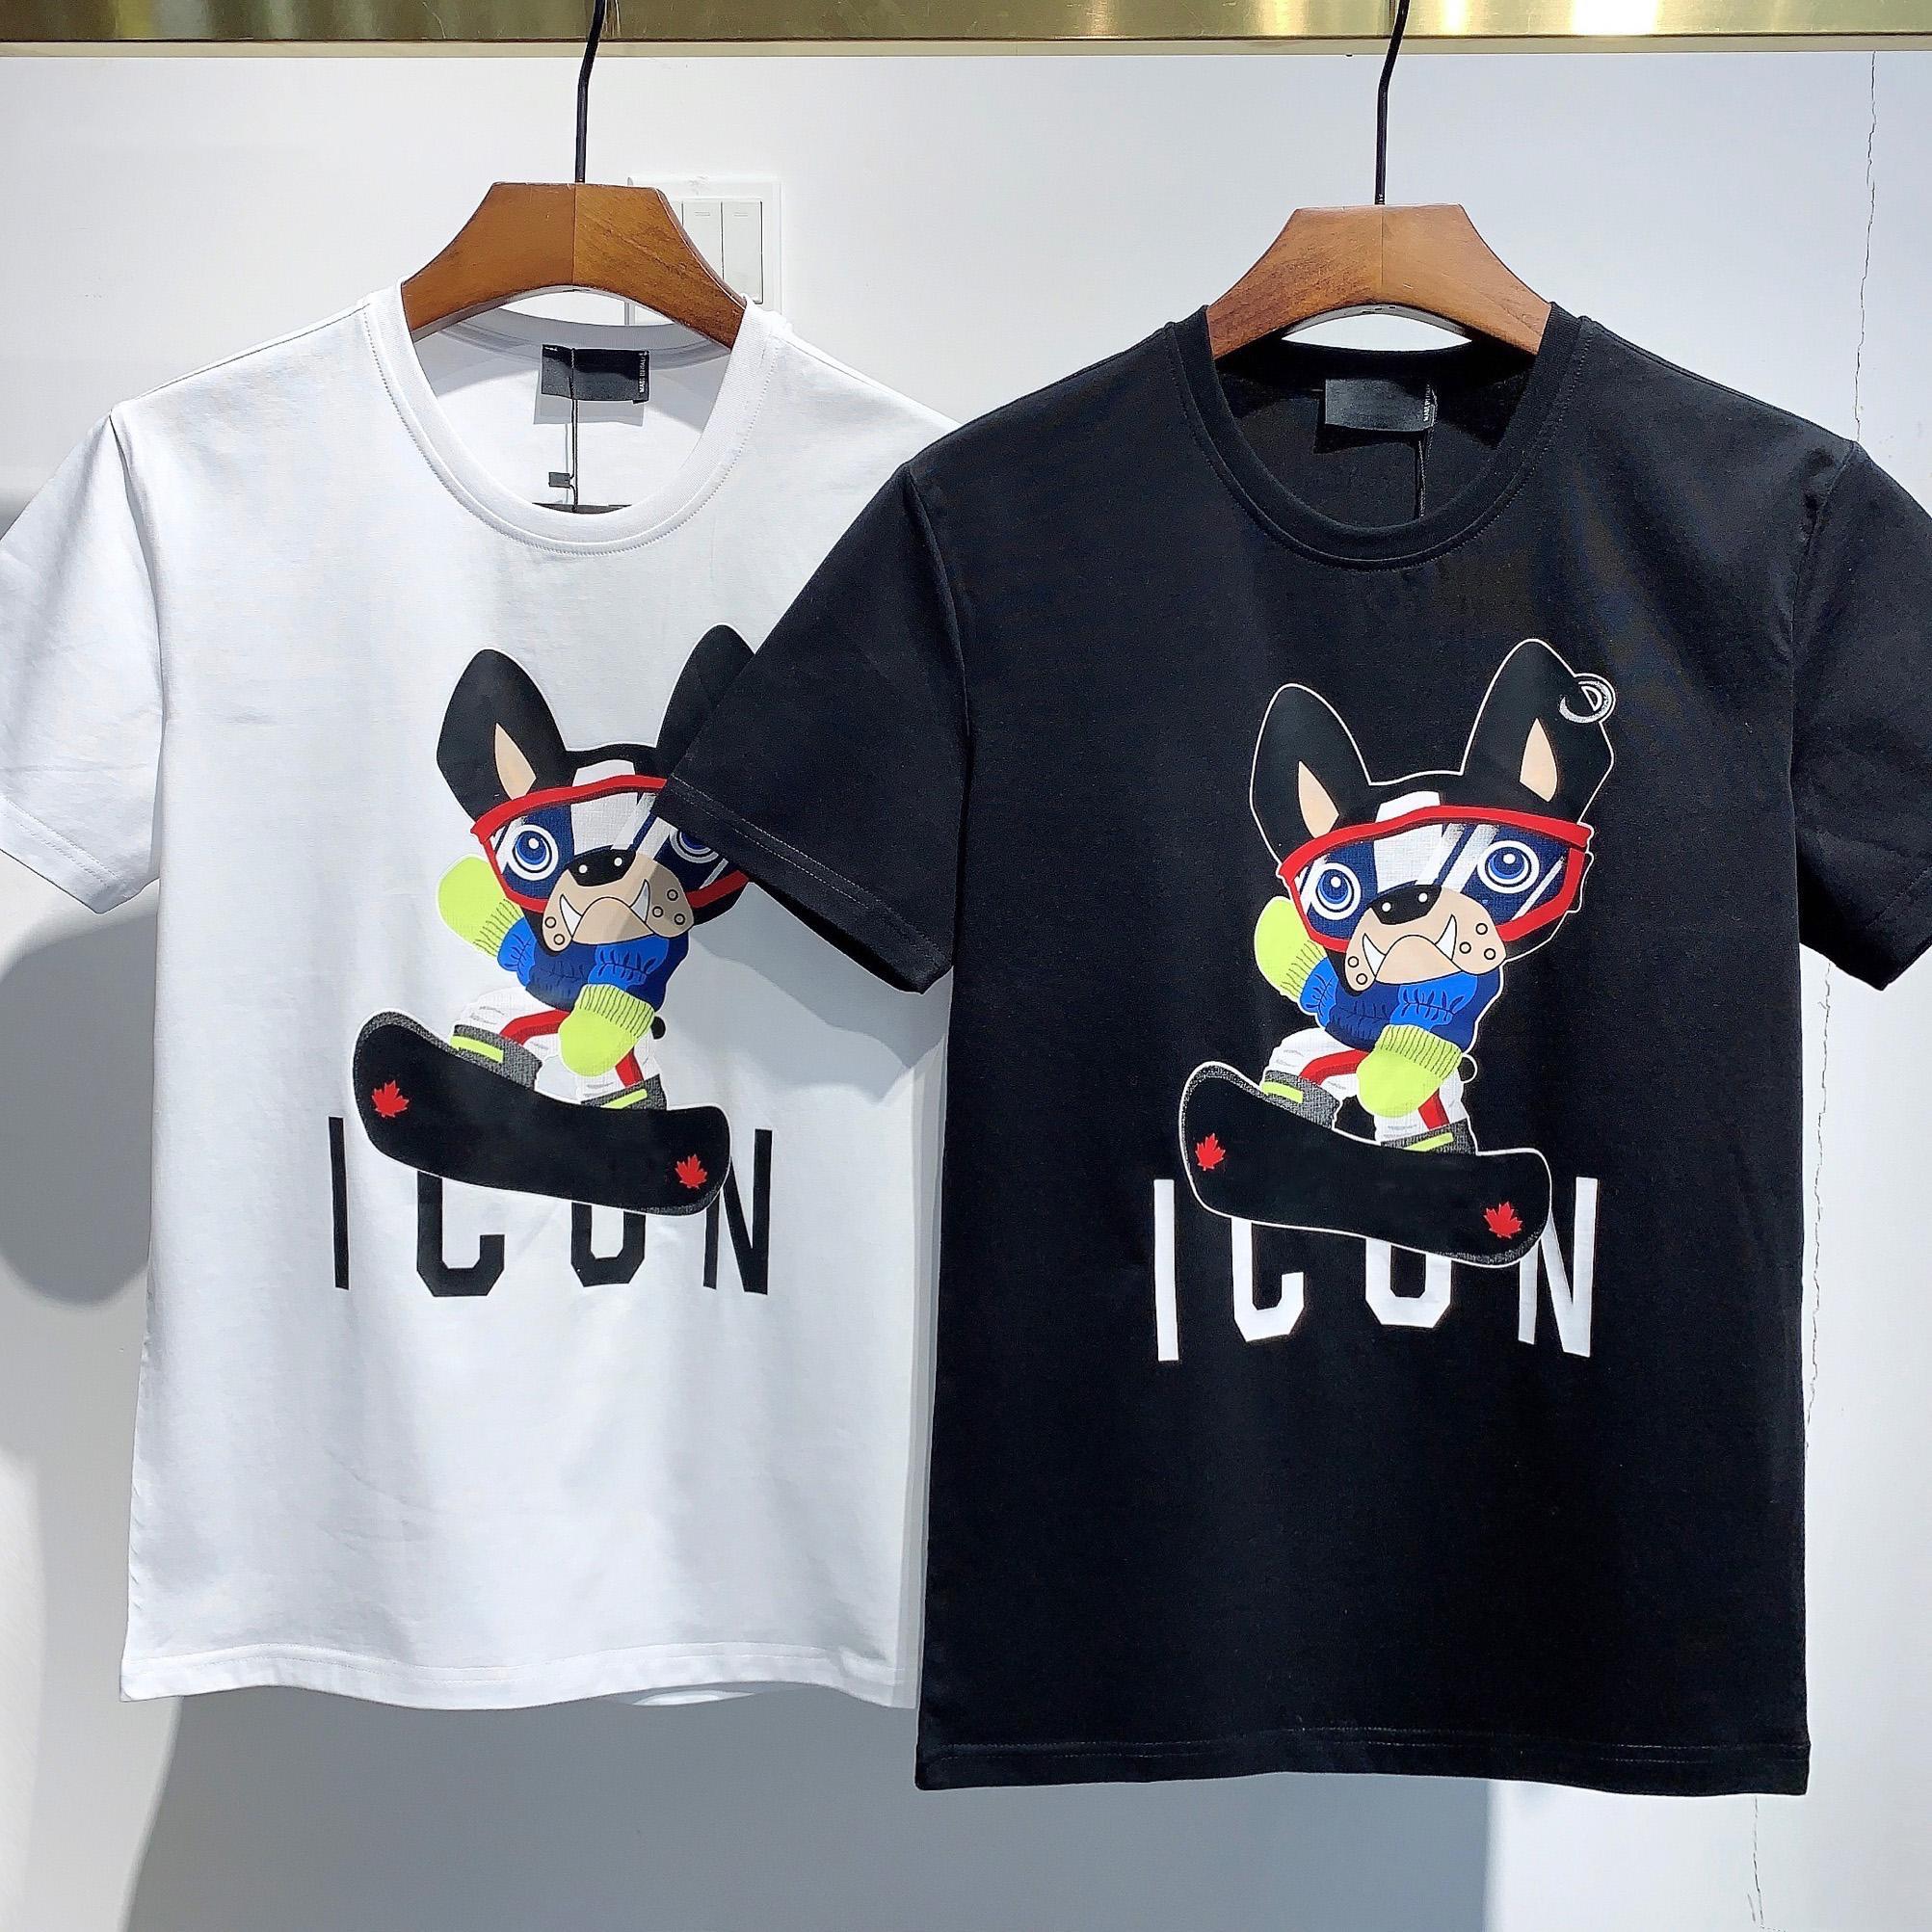 2021 패션 아이콘 디자이너 망 여성 T 셔츠 # DT062 OFF 여름 클래식 메이플 리프 티 필수 화이트 글자 인쇄 캐주얼 의류 C5'D2